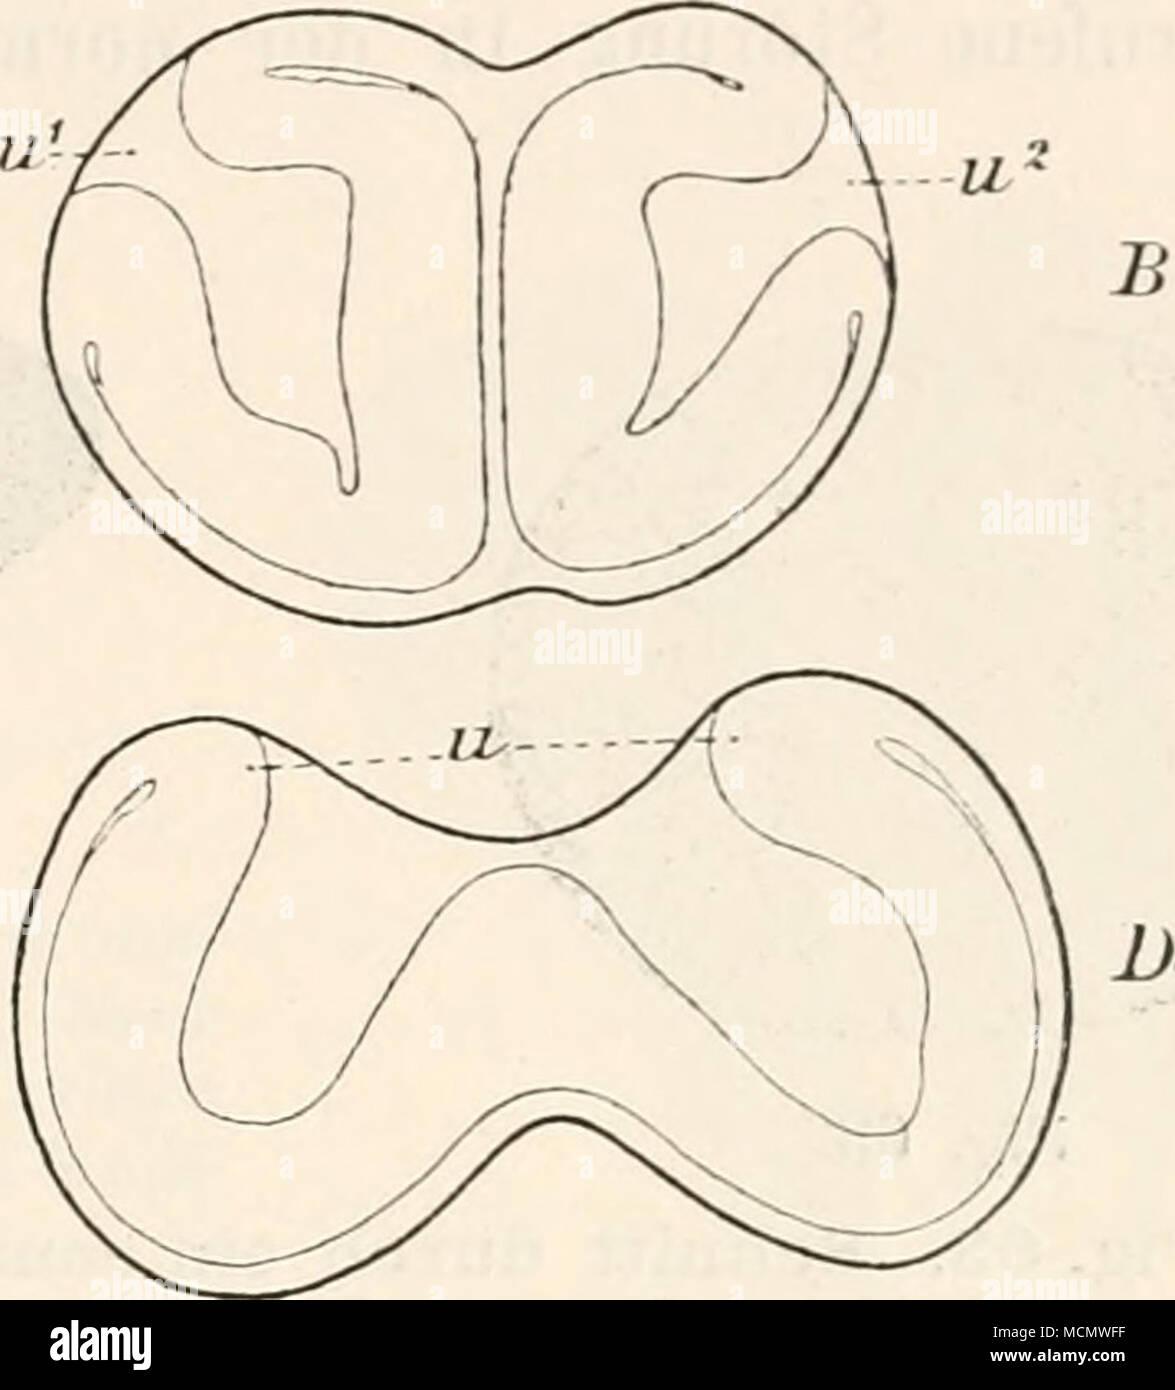 . Fig. 62. Vier Doppelgastrulae von Amphioxus [A B CD), entstanden durch Schütteln des Eies auf dem Stadium der Zweitheilung, sieben Stunden nach der Be- fruchtung. Nach Wilson. u^ «2 Nach verschiedenen Richtungen orientirter Urmund der zwei aus je einer Eihälfte entstandenen Gastrulae. u Gemeinsamer Urmund zweier Gastrulae. Aus der Abhandlung von Wilson habe ich in Fig. 62 vier Bei- spiele von Doppelgastrulae zusammengestellt, welche in dieser Weise neben vielen anderen erhalten wurden. Sie zeigen, wie in Folge blosser Verschiebung der beiden ersten Theilhälften au einander aus jeder für sich - Stock Image